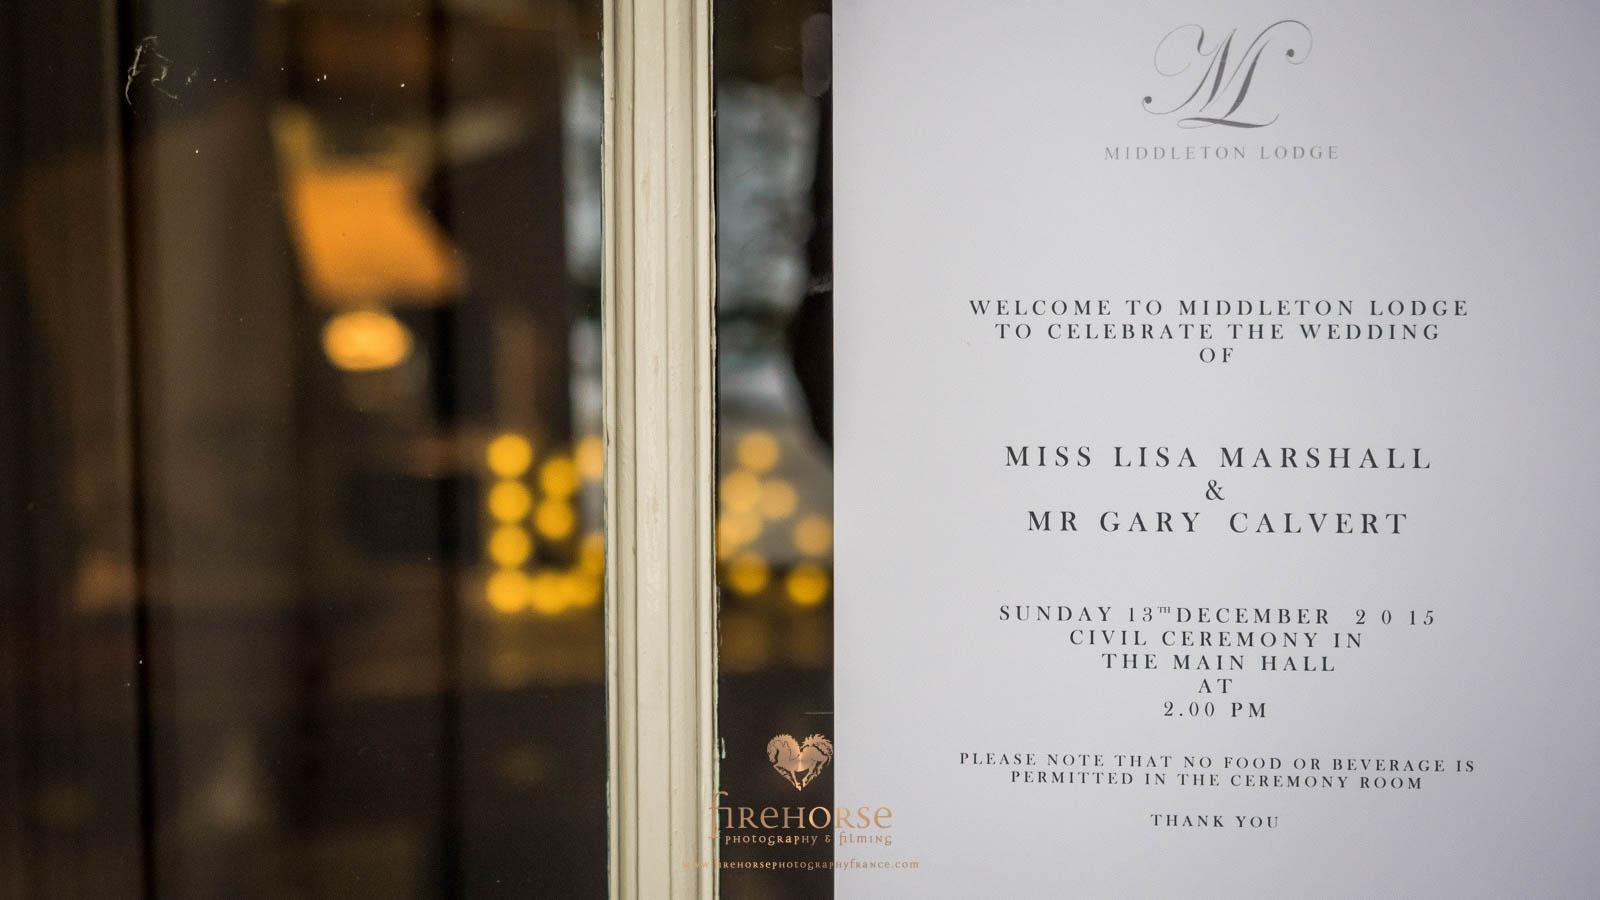 Winter-Middleton-Lodge-Wedding-004